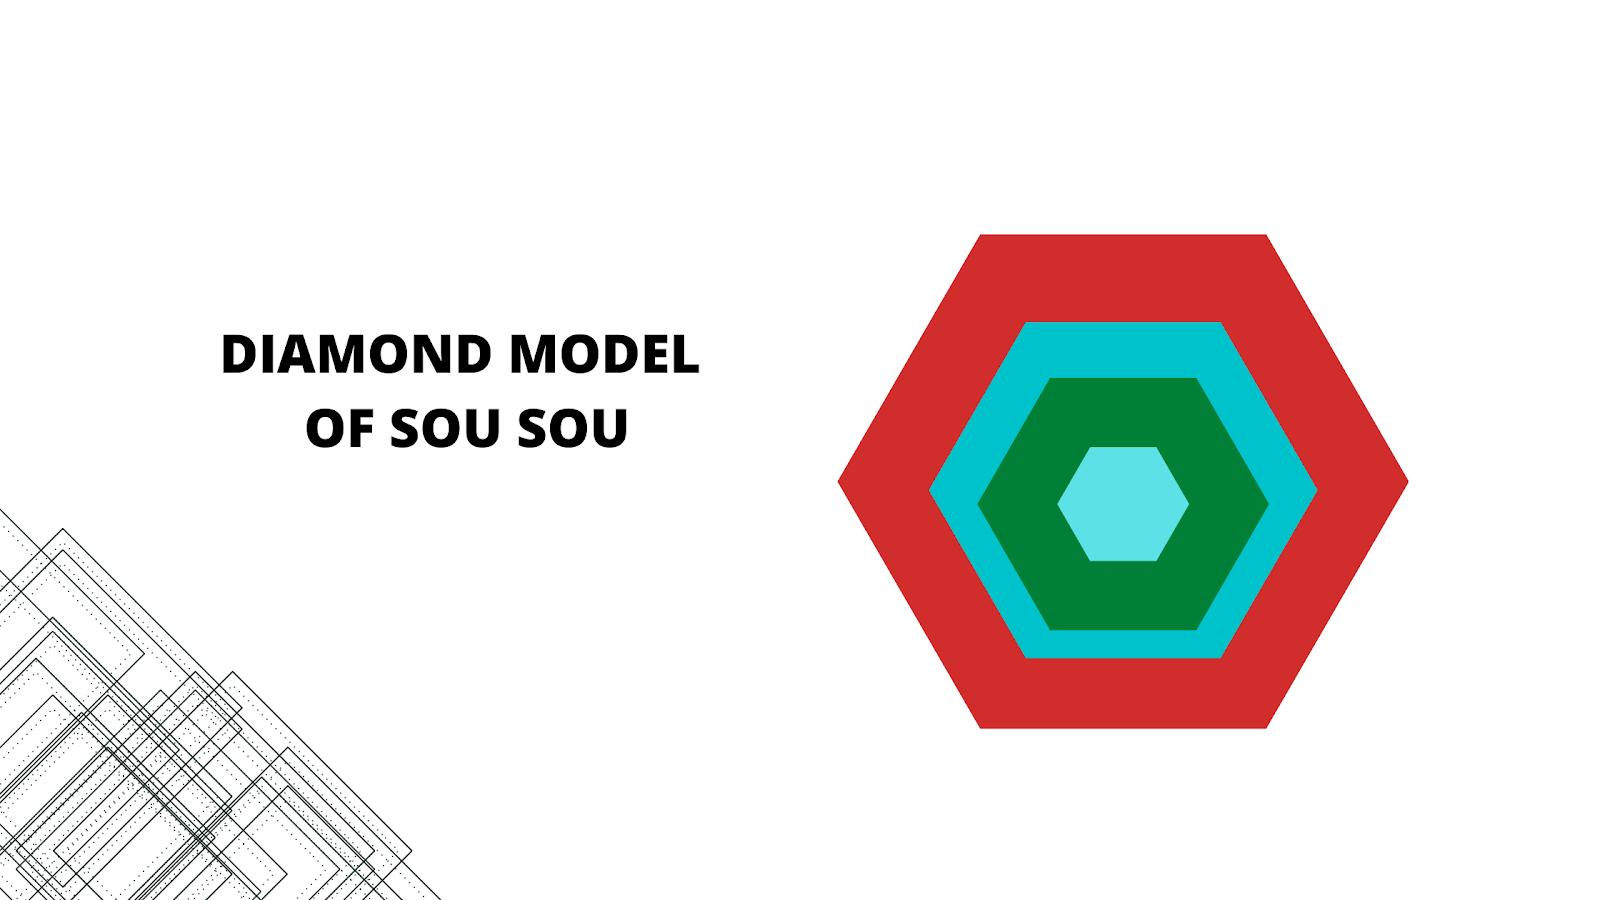 Diamond model of sou sou - hybrid MLM blog